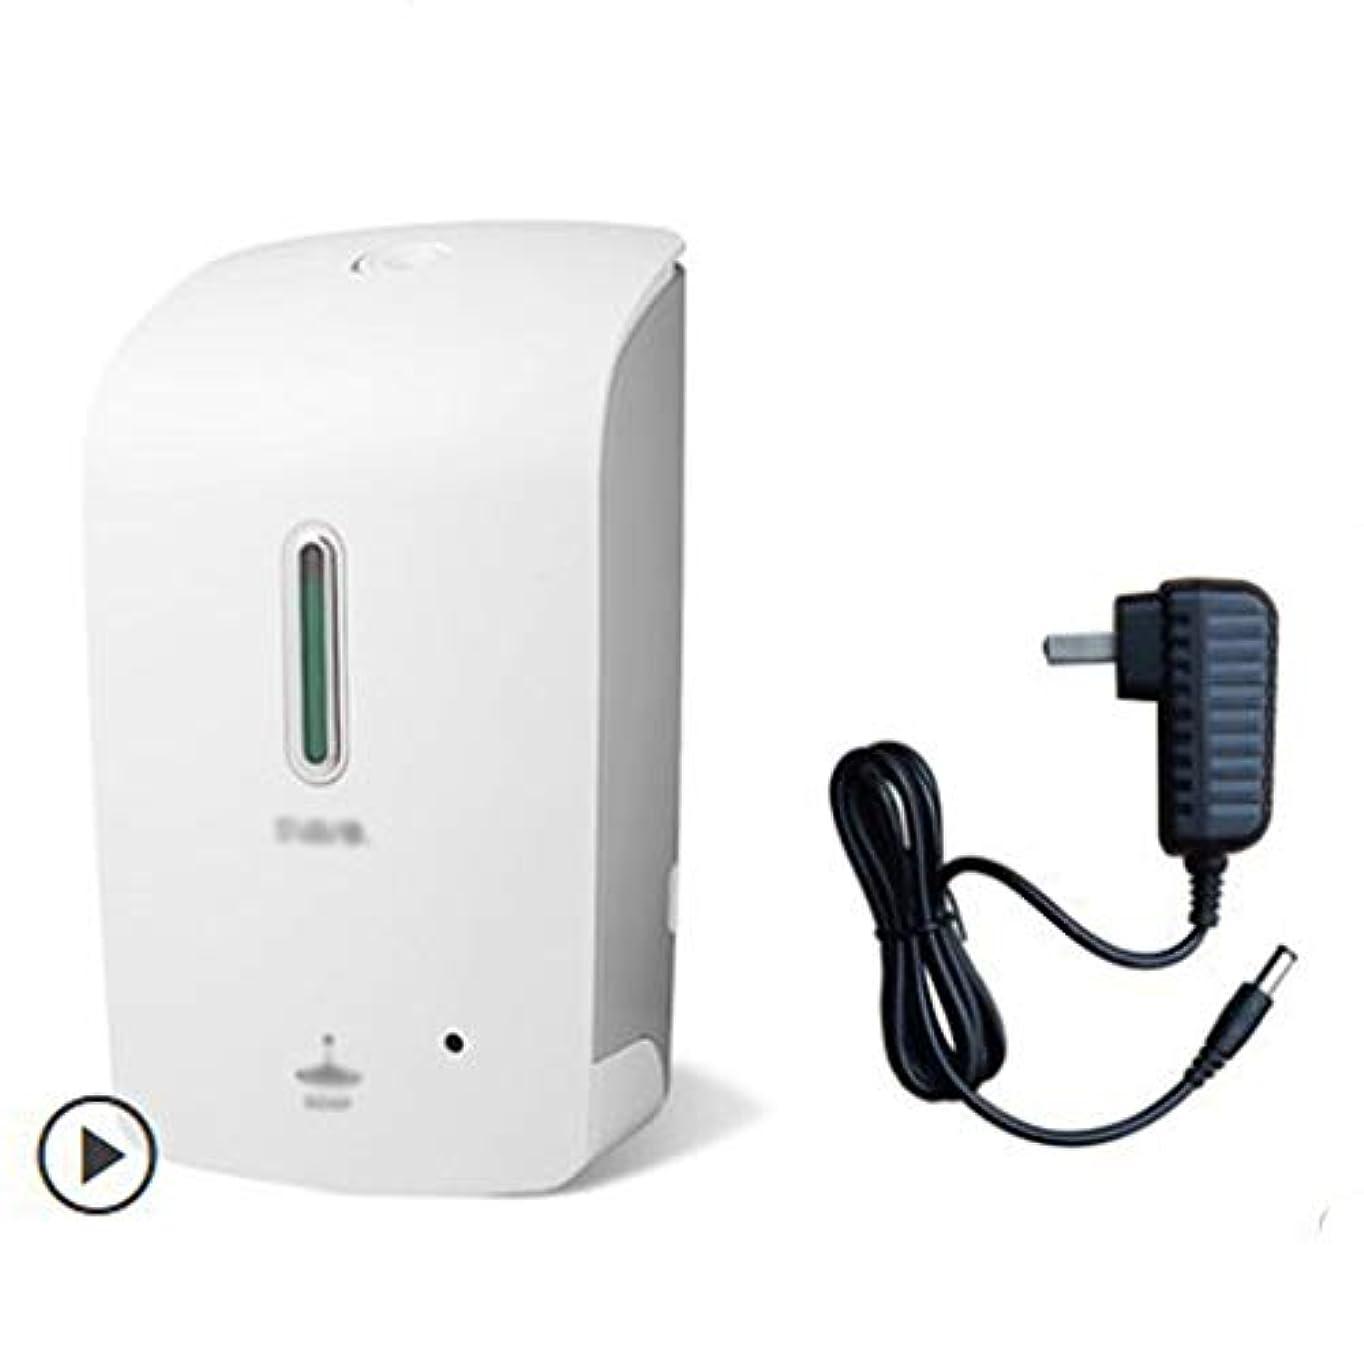 ディプロマ空気持続的ソープディスペンサー ソープディスペンサーを充電1000mlの容量自動センシングソープディスペンサー非接触 ハンドソープ 食器用洗剤 キッチン 洗面所などに適用 (Color : White, Size : One size)